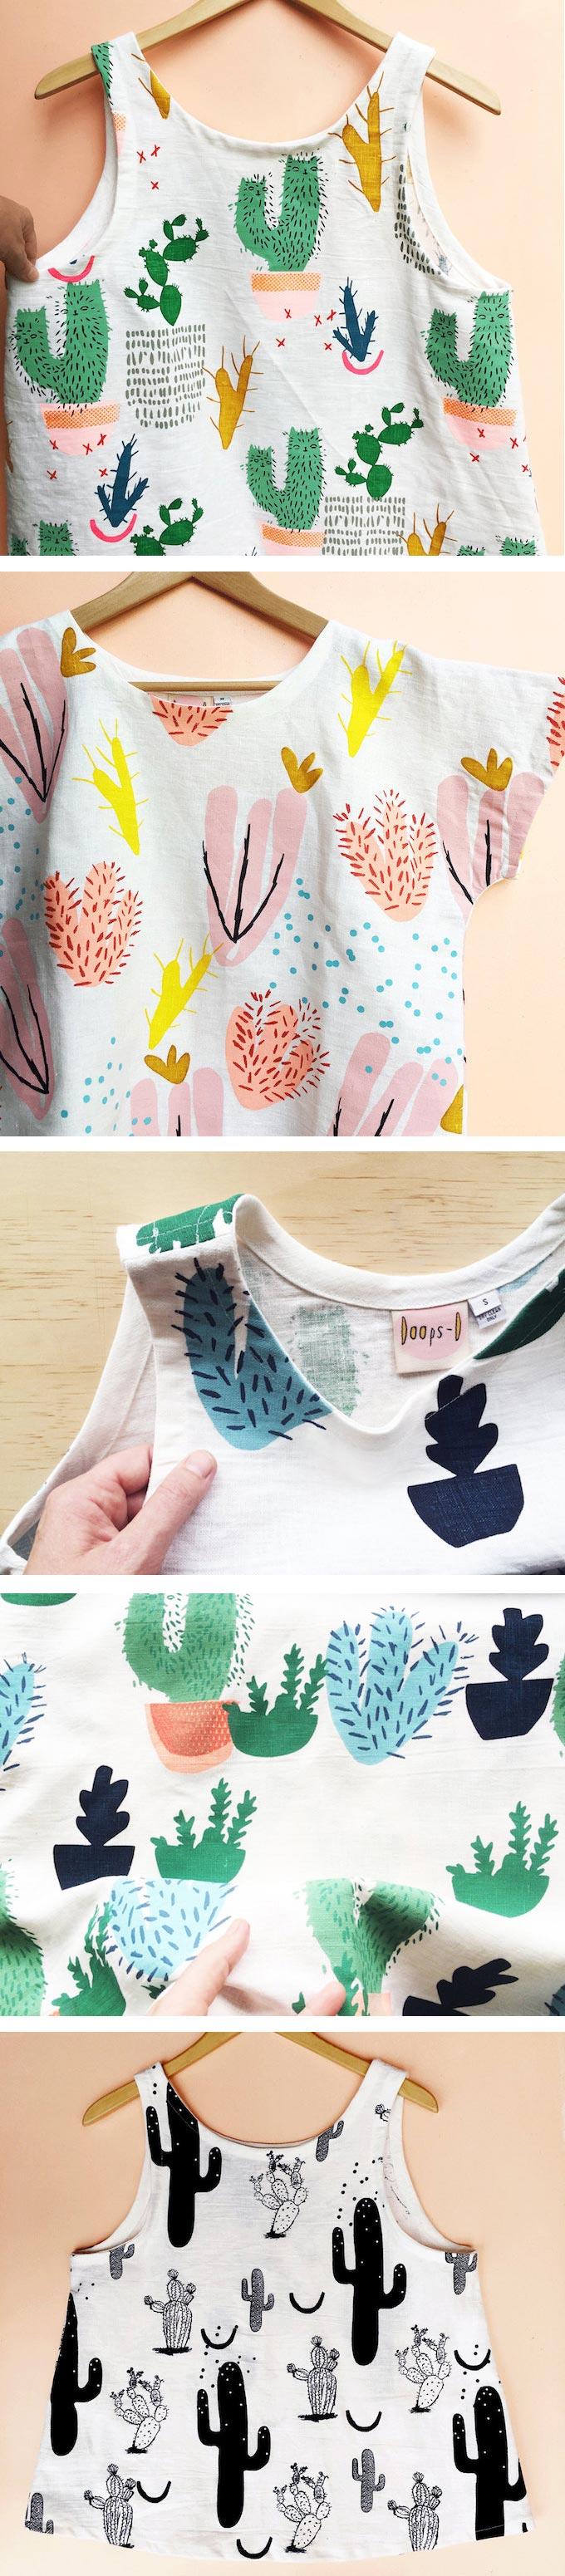 Doops Design